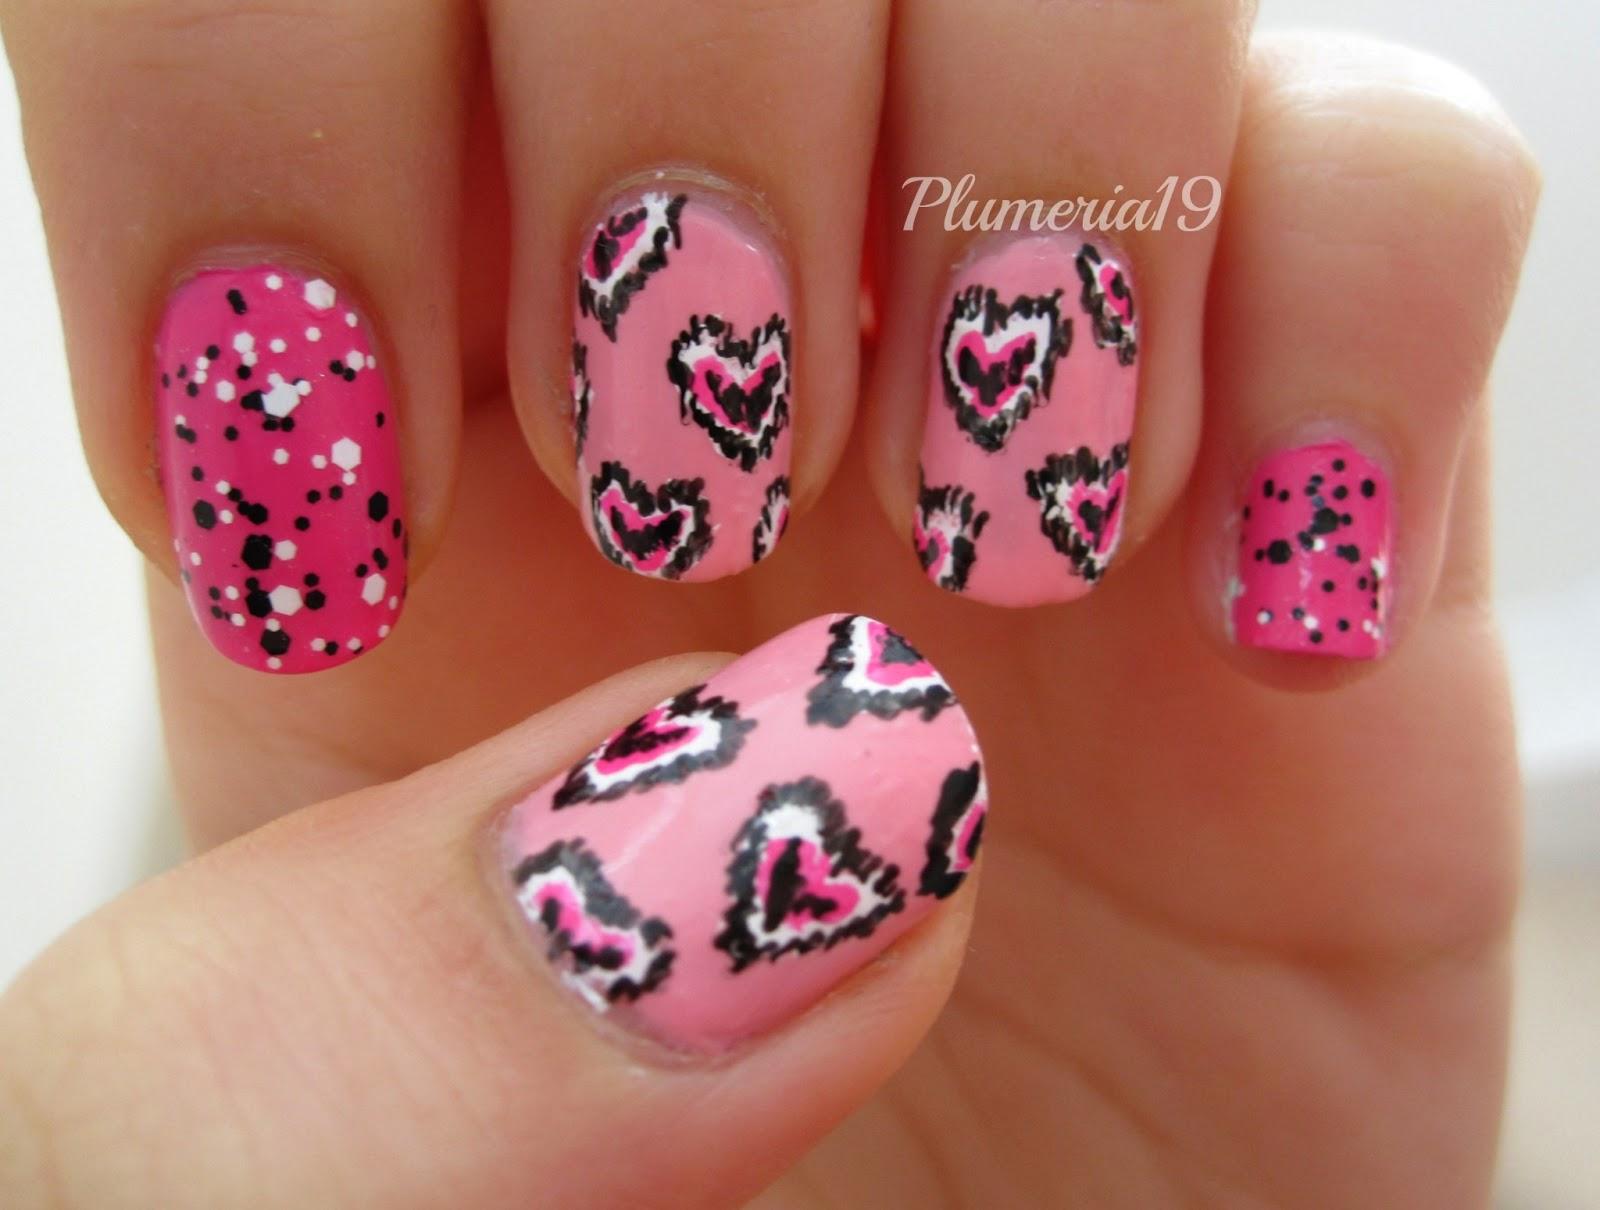 PlumeriaPainted: Ikat Heart Nail Art